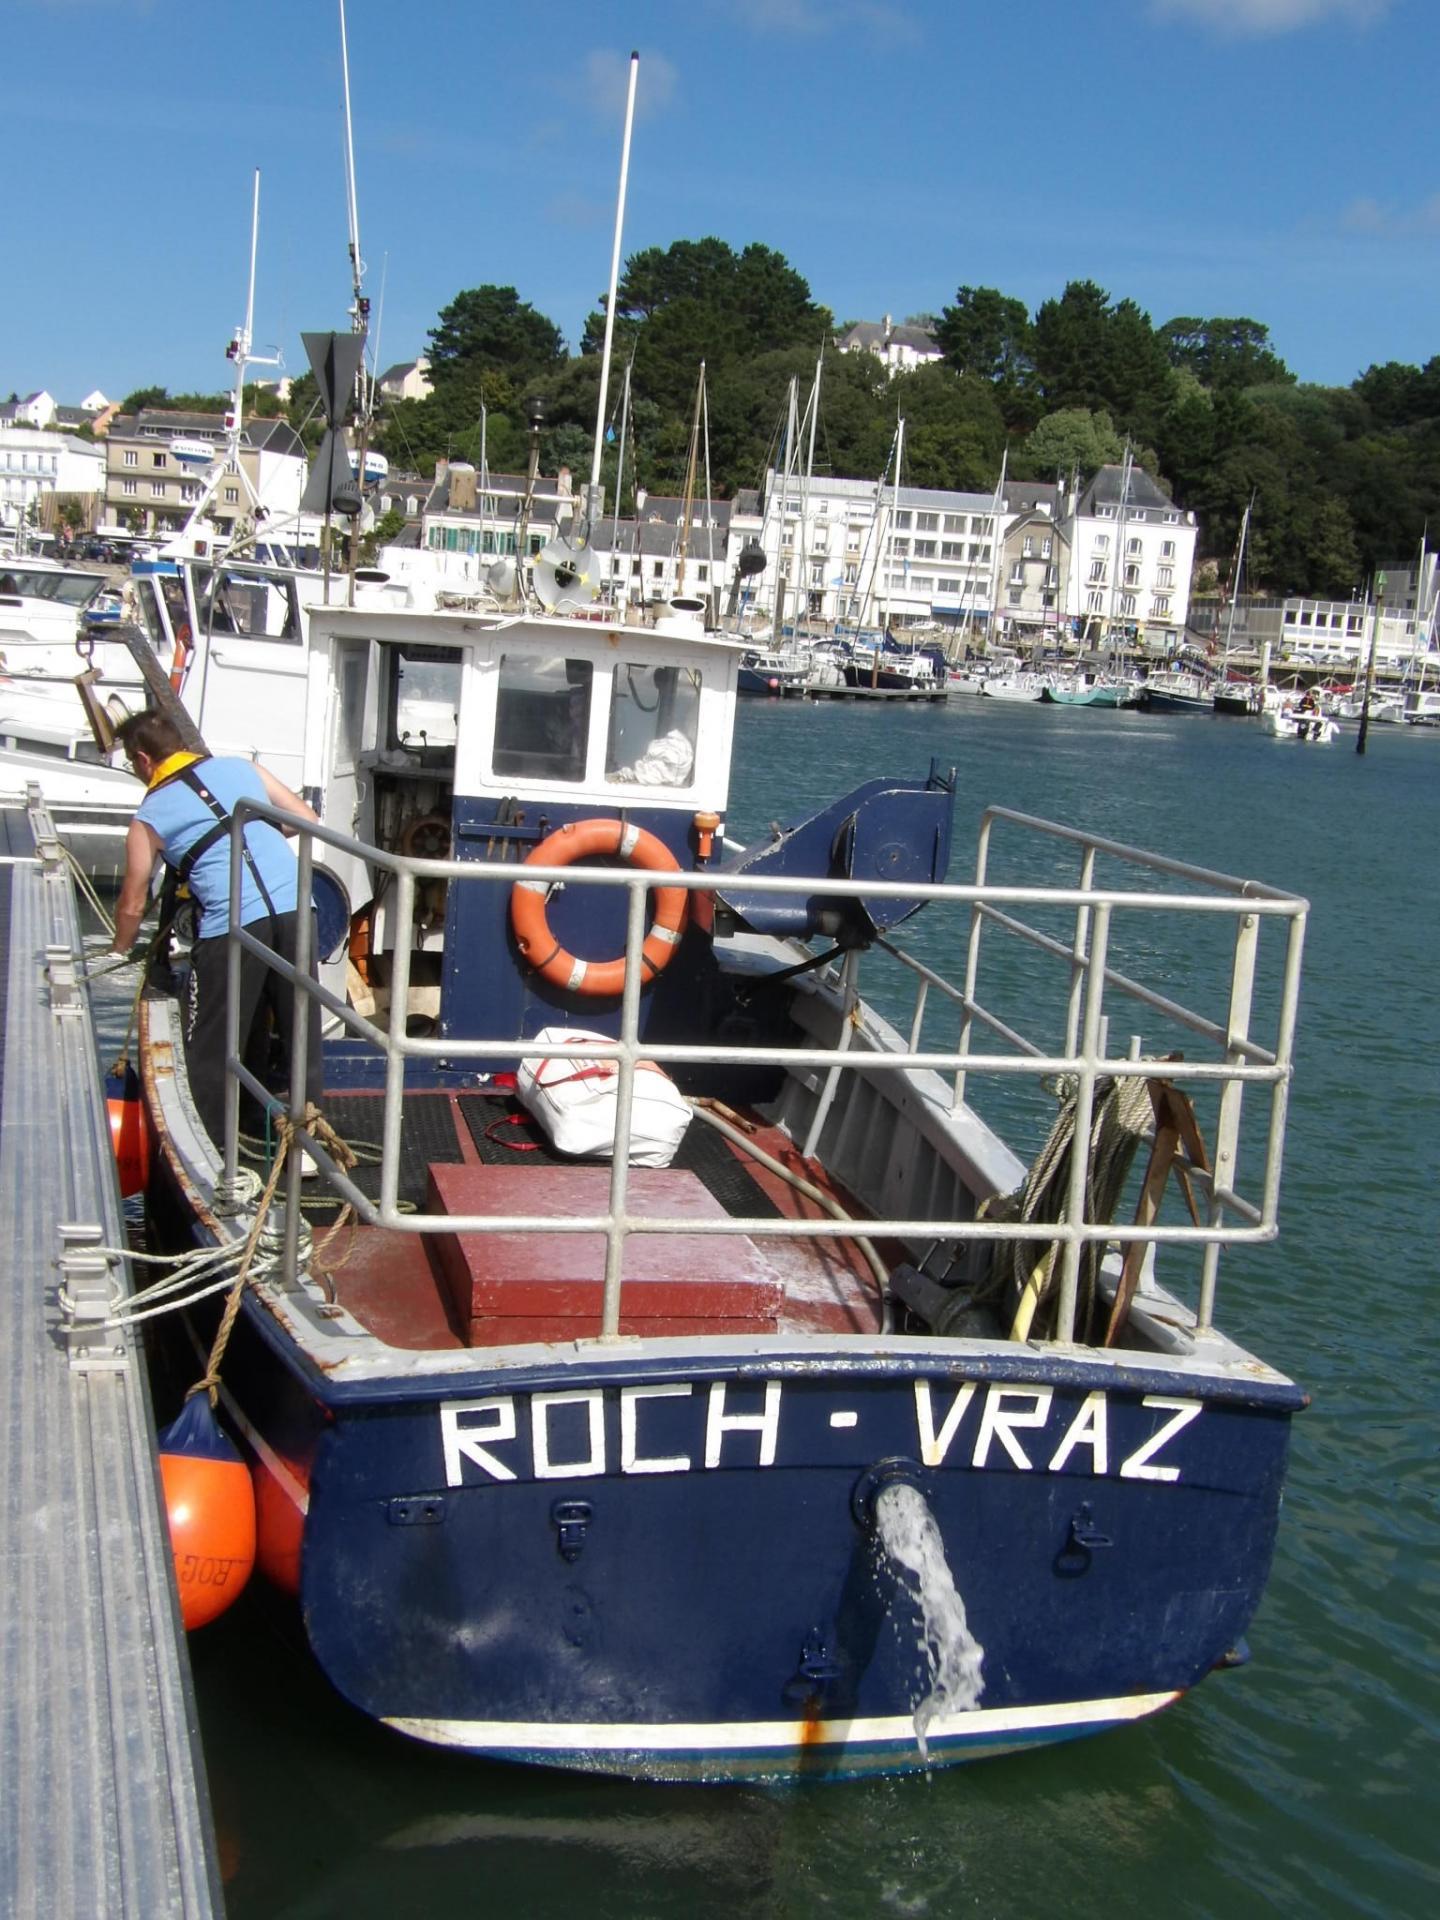 200823 roc h vraz ponton h 2